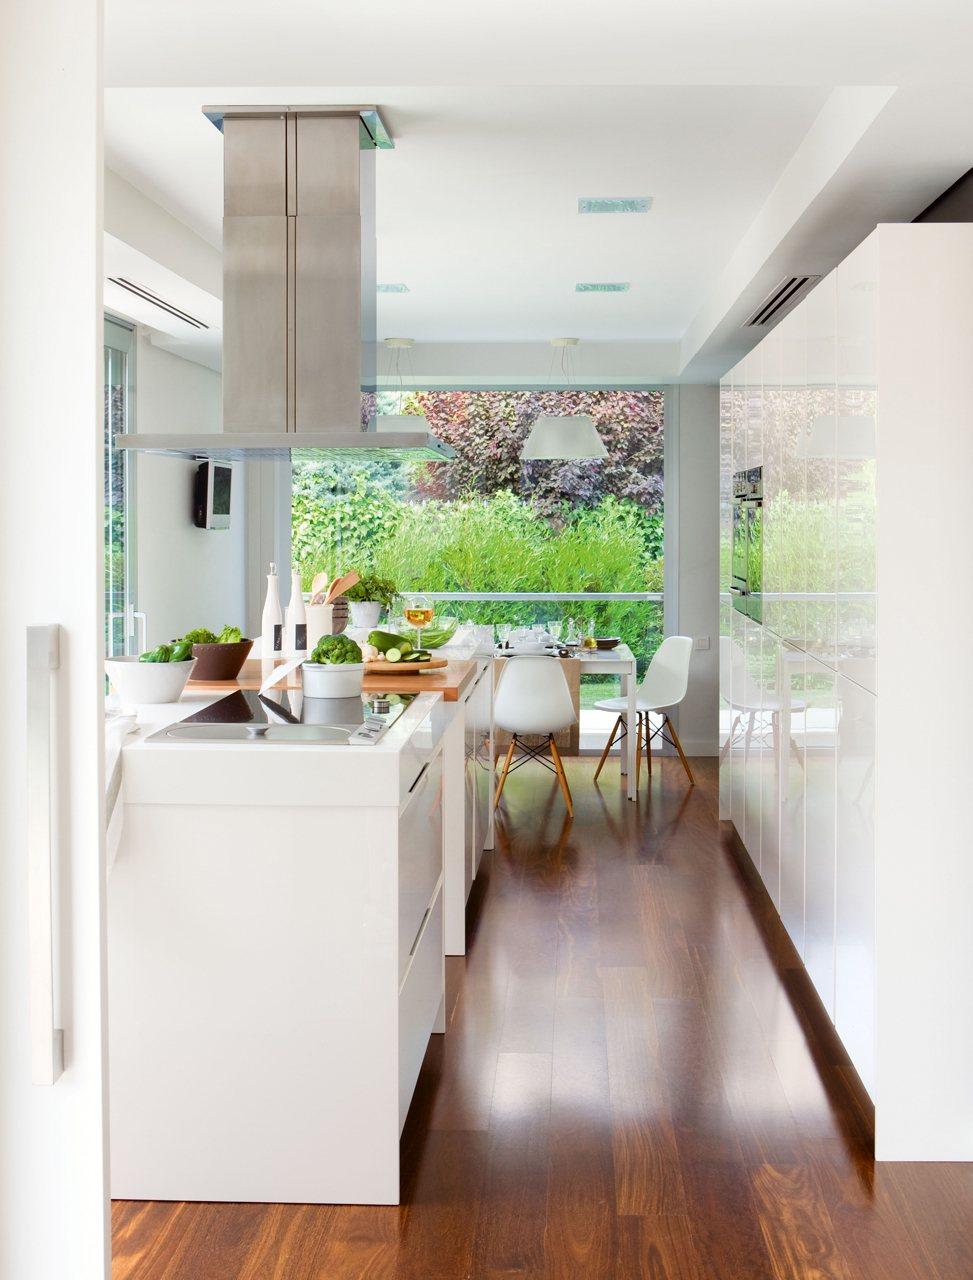 Como dise ar una cocina practica casa dise o casa dise o for Cocina practica